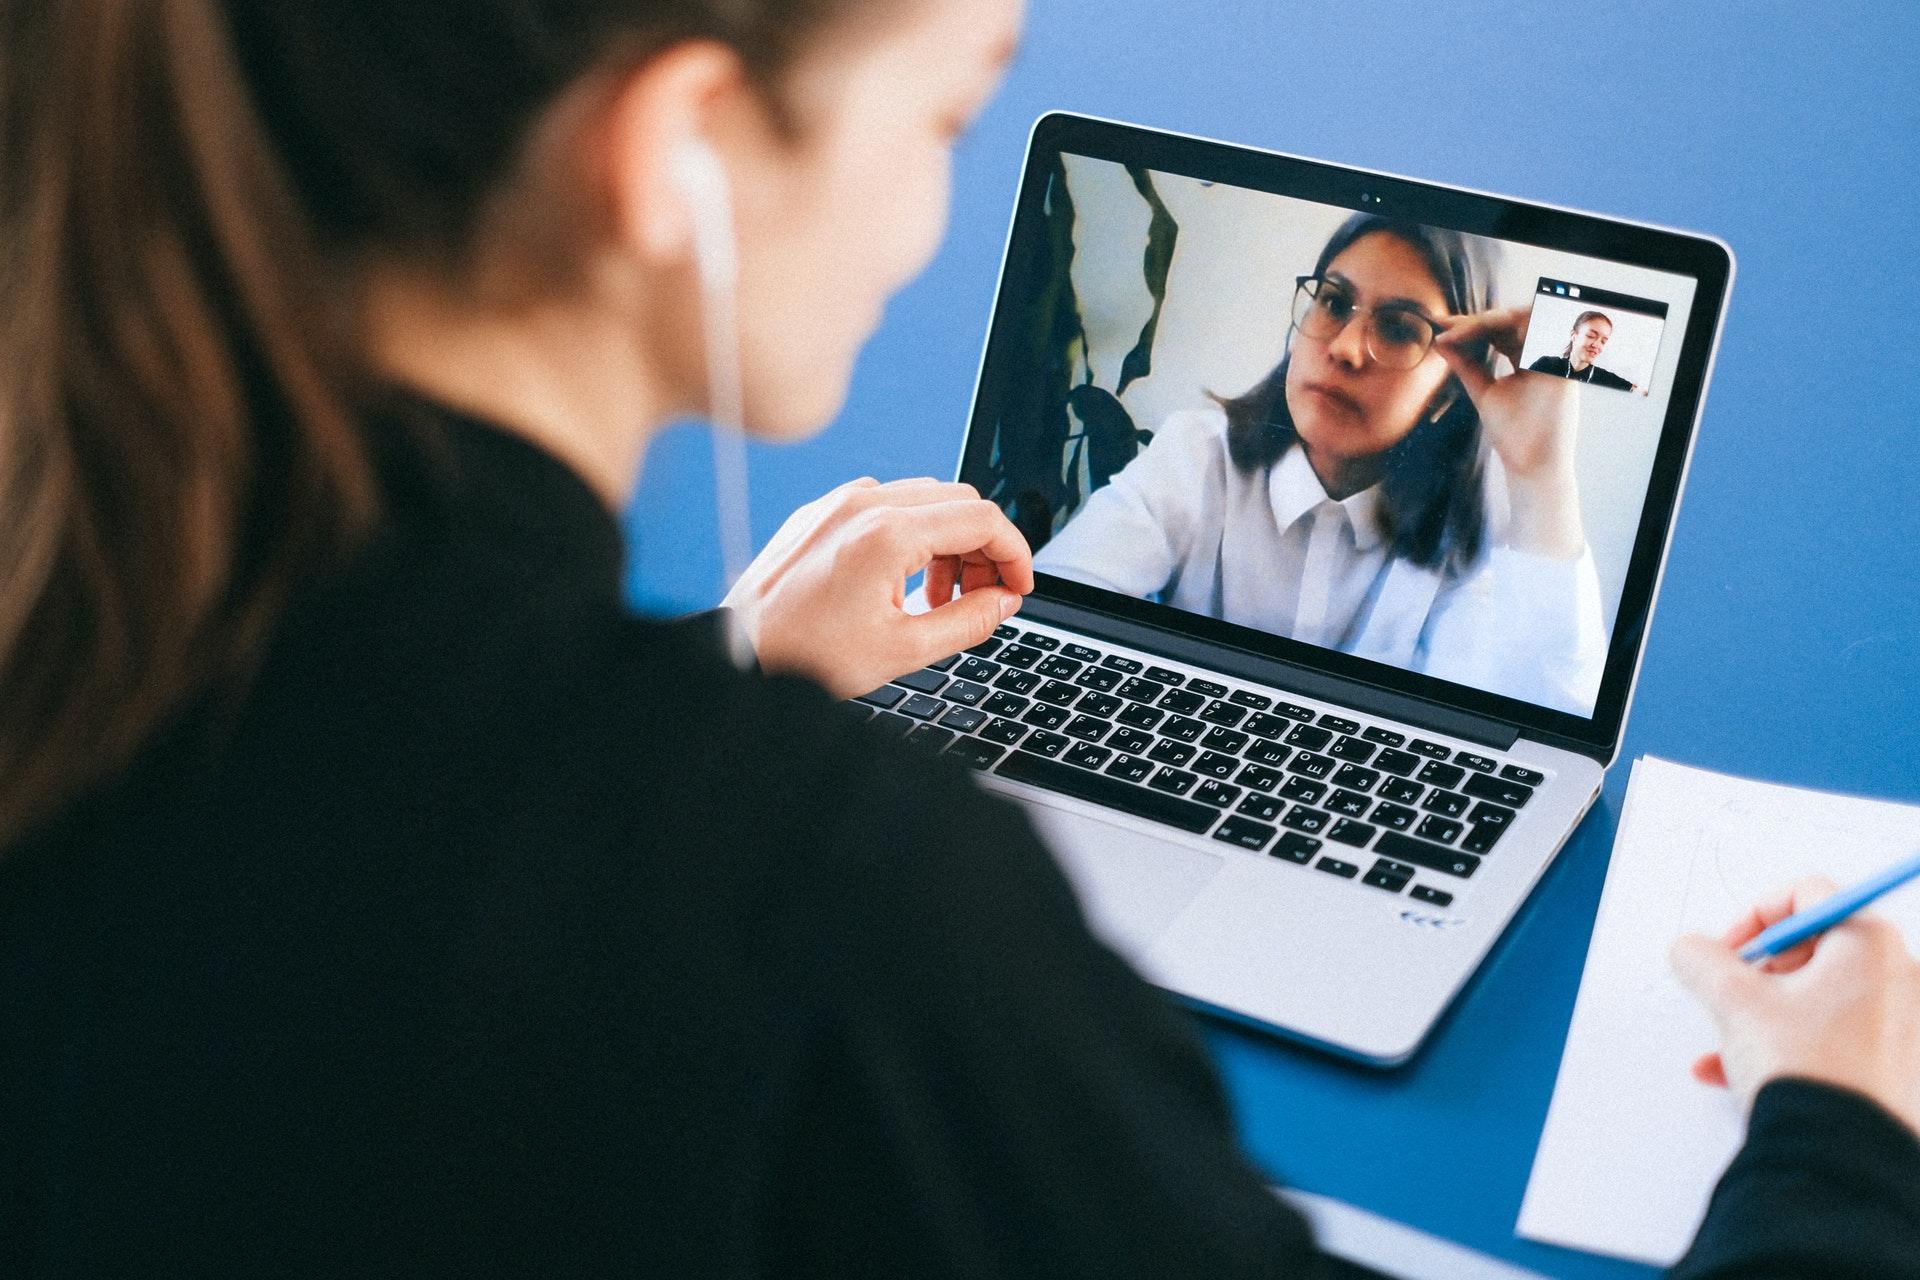 Consejos para tener éxito en las entrevistas por videollamada